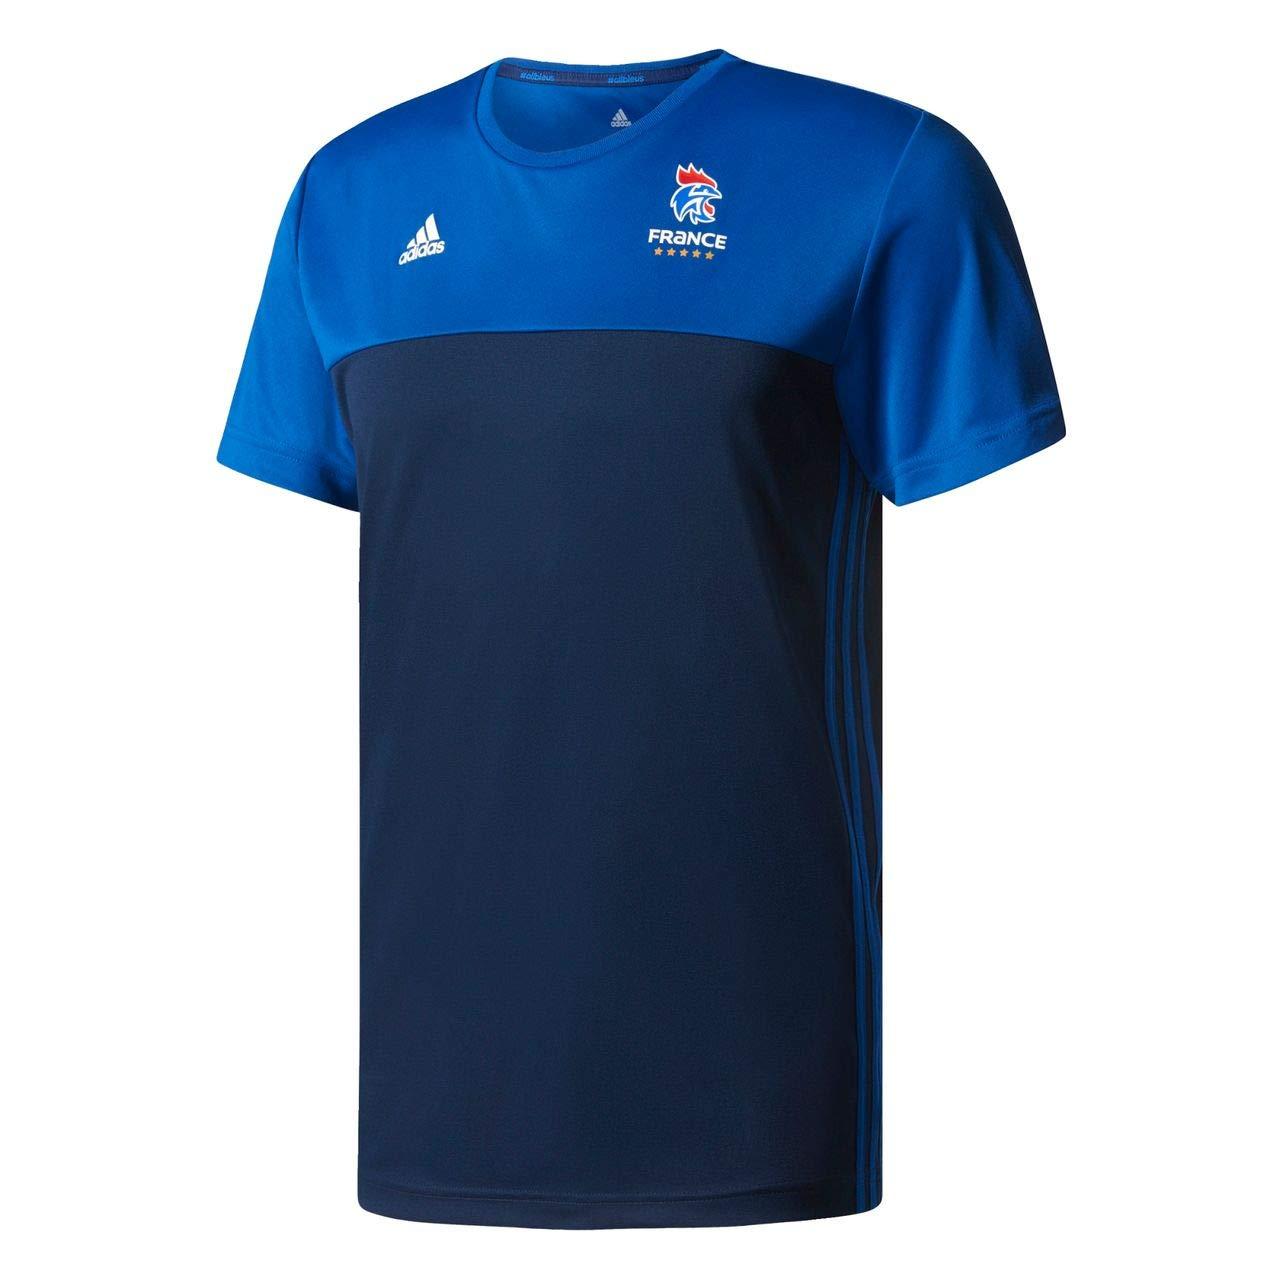 TALLA XS. adidas FFHB Performance–Camiseta de, Todo el año, Hombre, Color Conavy/Croyal/White, tamaño Extra-Small